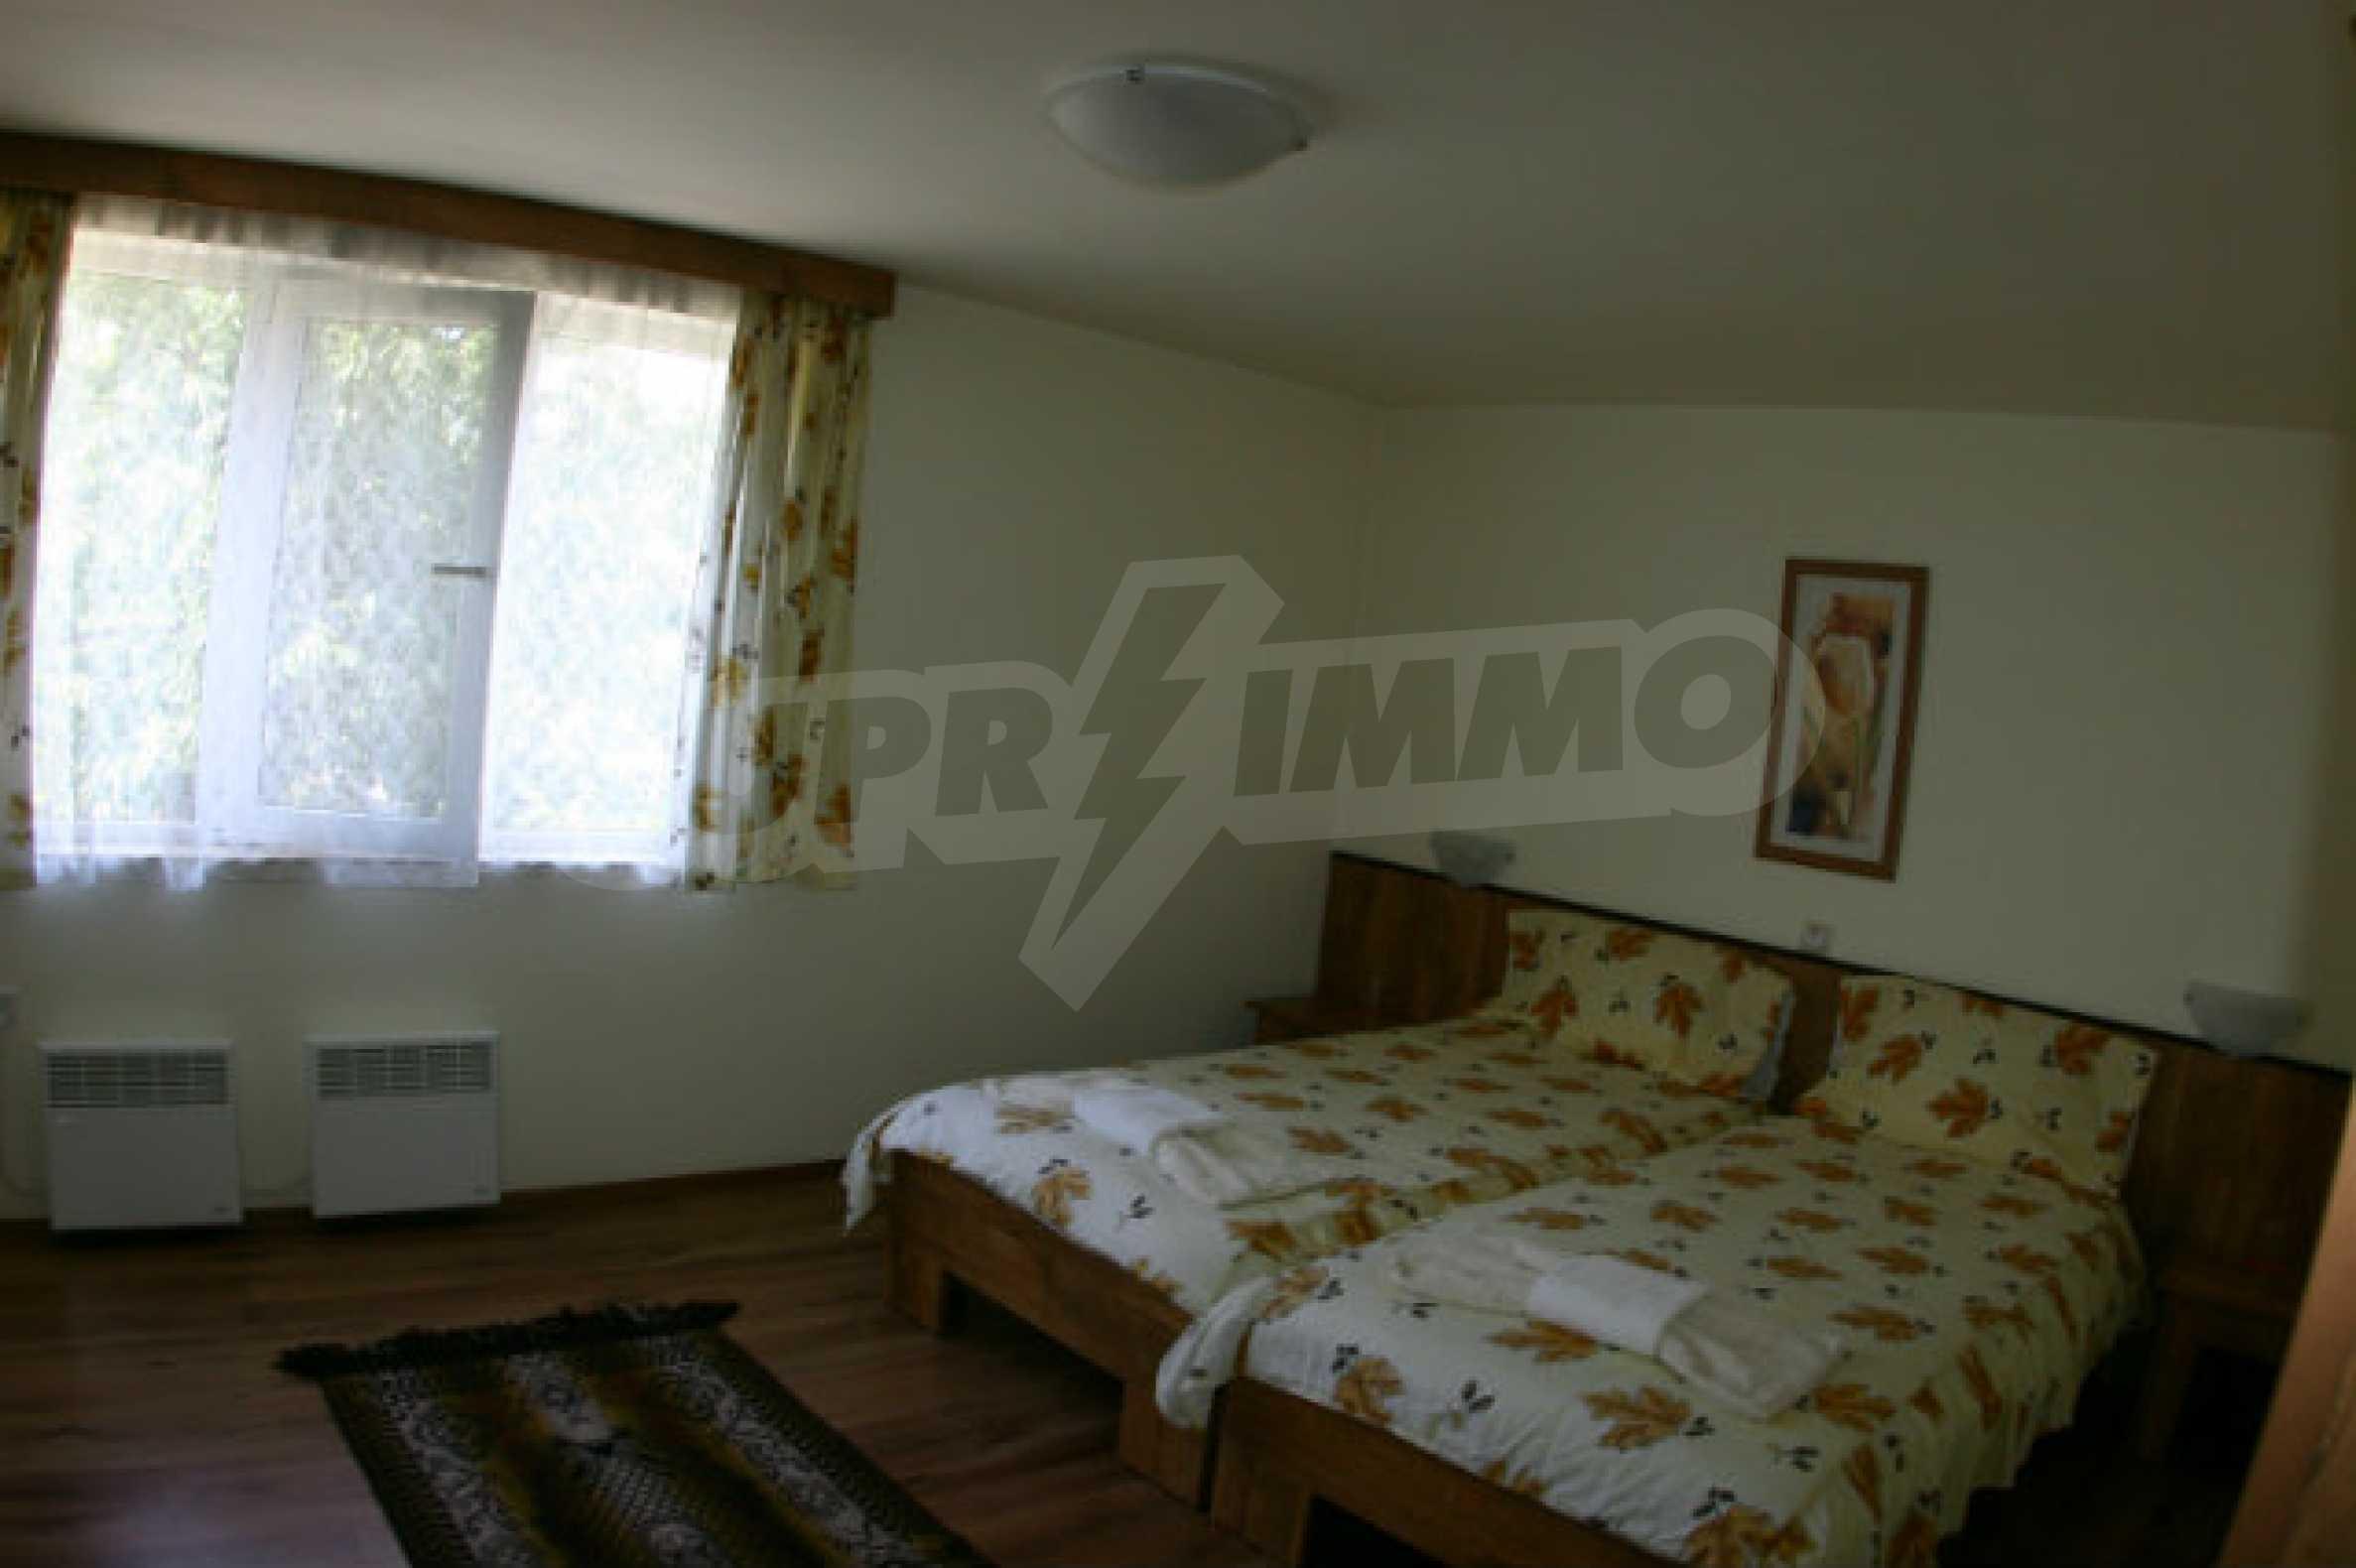 Familienhotel zum Verkauf in Dobrinischte, 6 km von Bansko entfernt 24